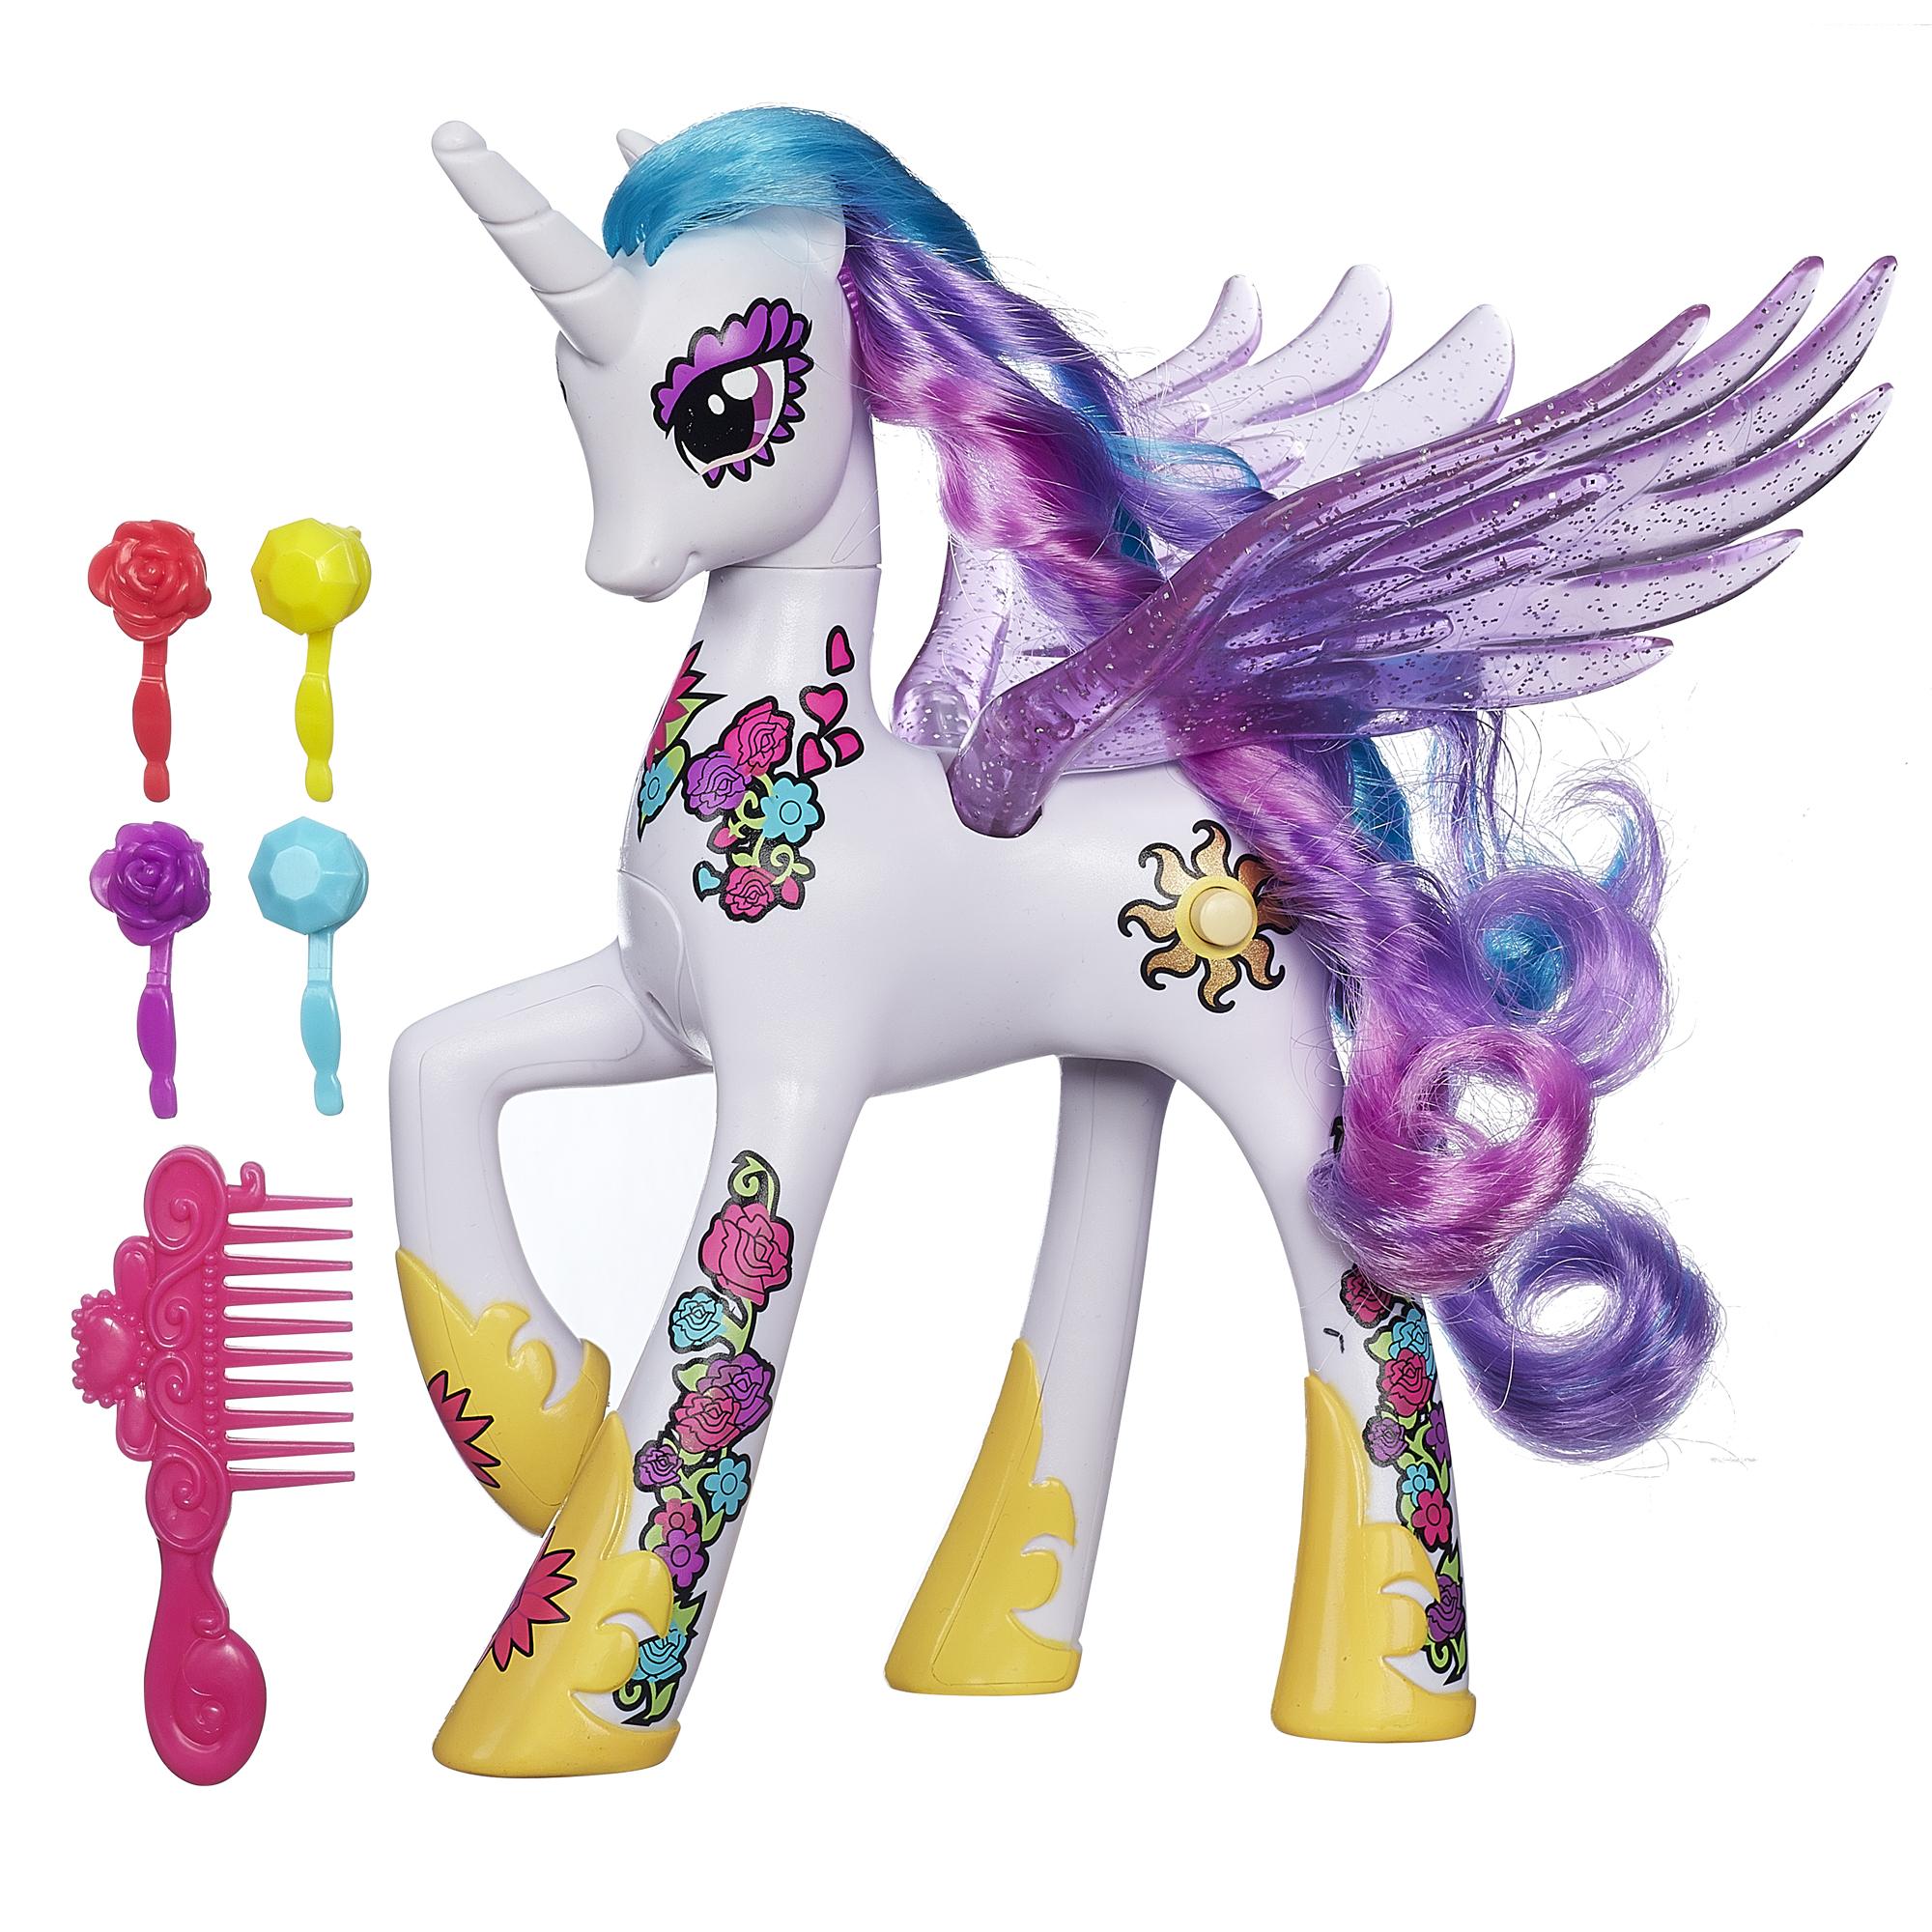 mlp-princess-celestia-oop--141326